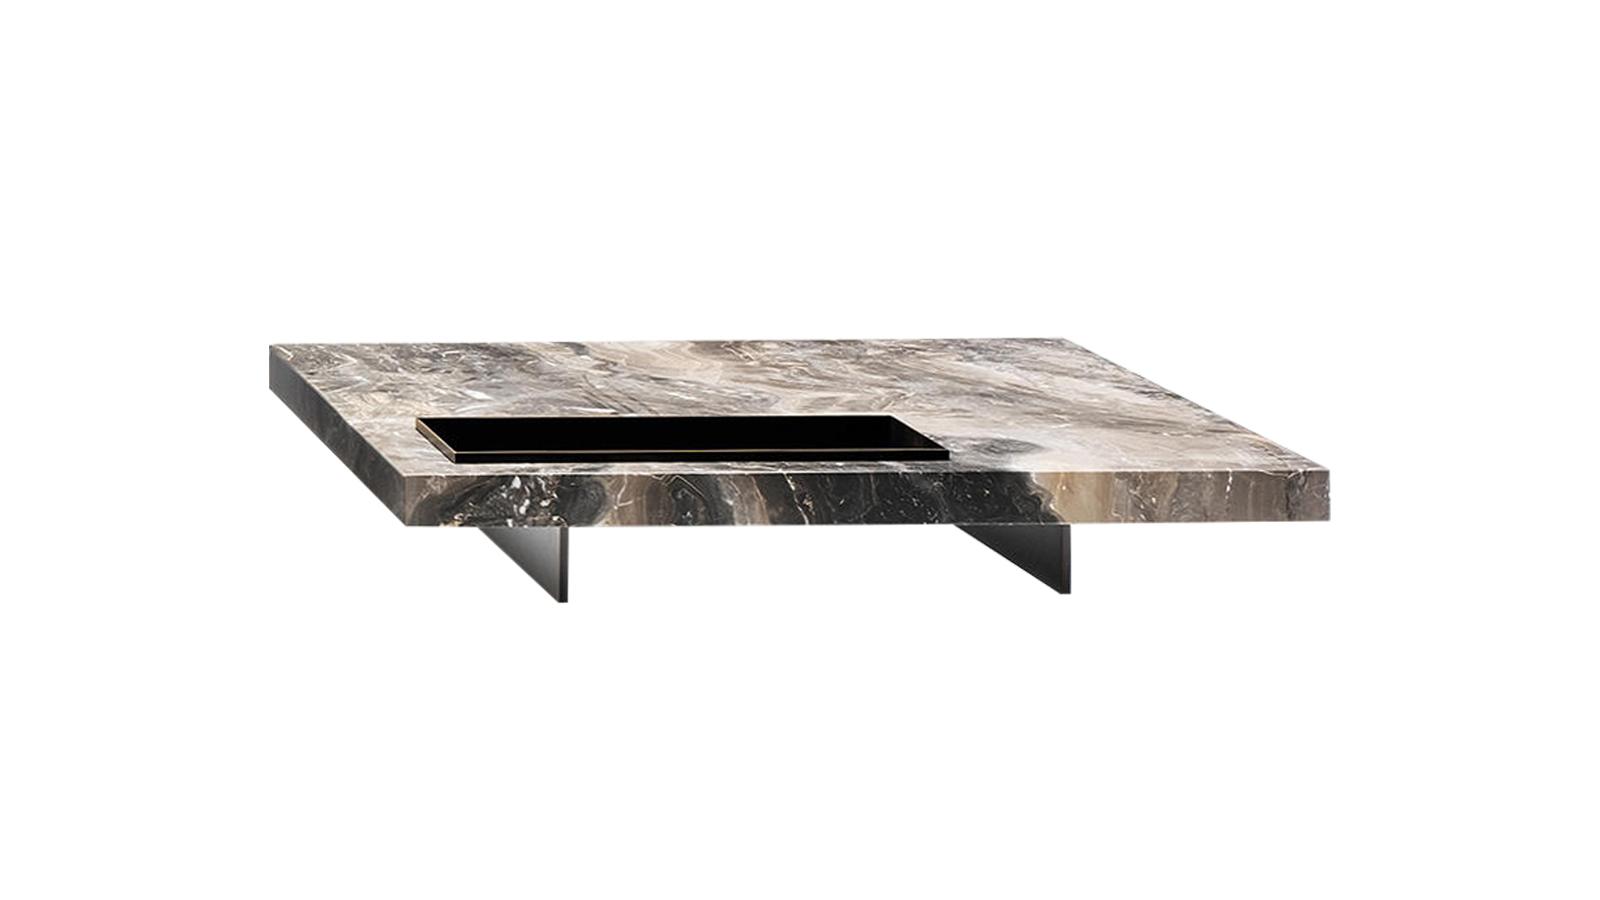 Az legkülönfélébb anyagok kombinációja és elegáns harmóniája teszi emlékezetessé a Boteco asztalokat. Az alacsony lábak azt a benyomást keltik, mintha lebegne a vaskos, négyzetformájú asztallap, melyen beépített tálca foglal helyet. A Boteco több változatban is elérhető a CODE Showroomban.